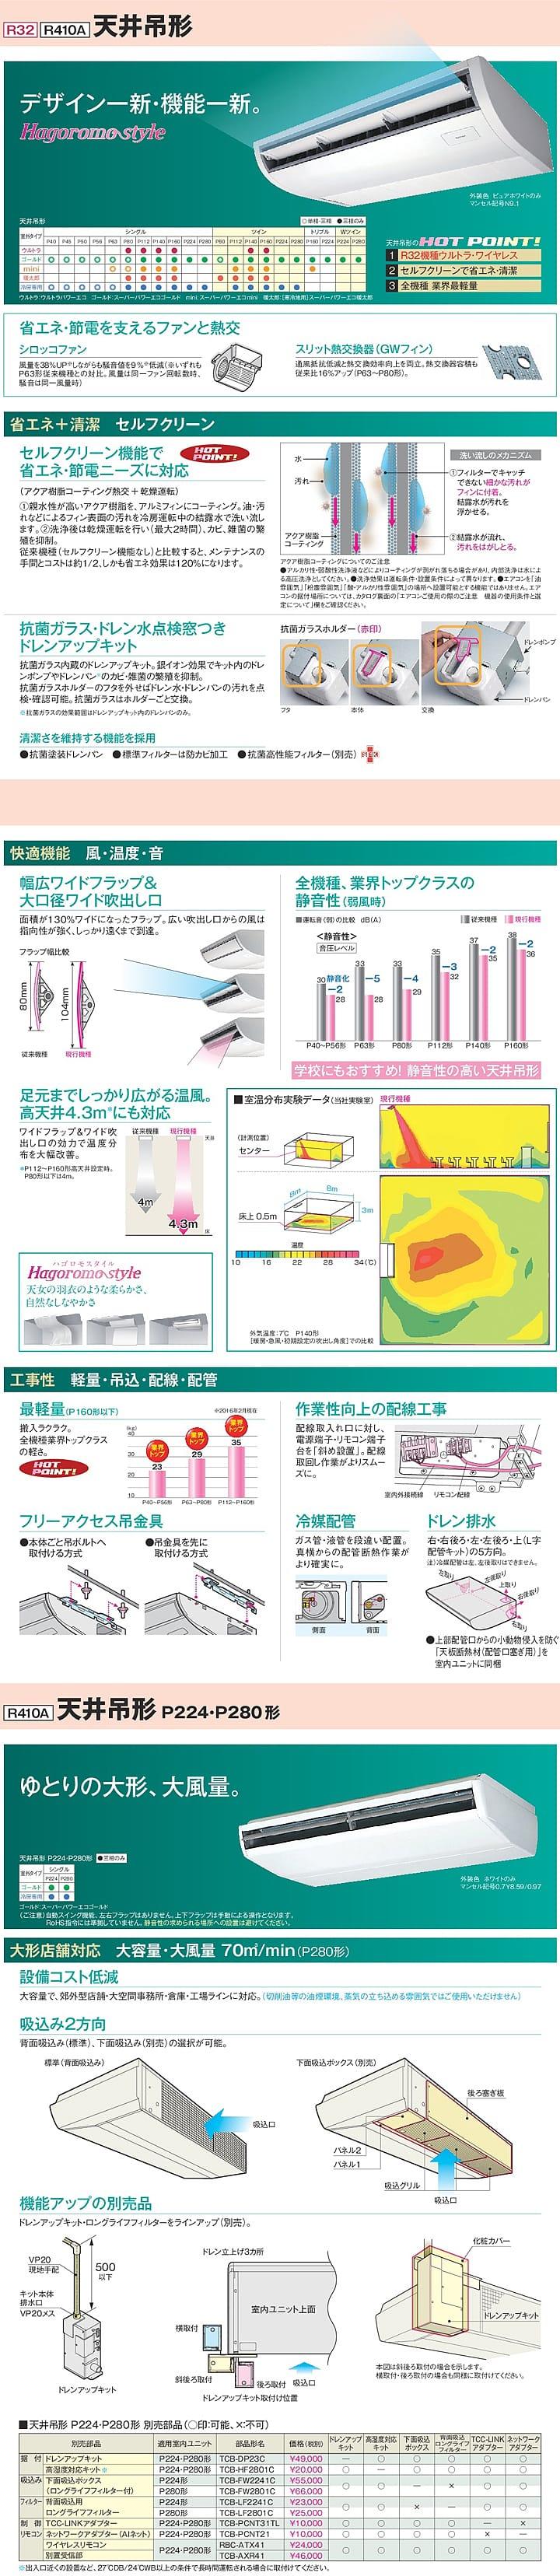 東芝 ACRA05087JX 業務用エアコン